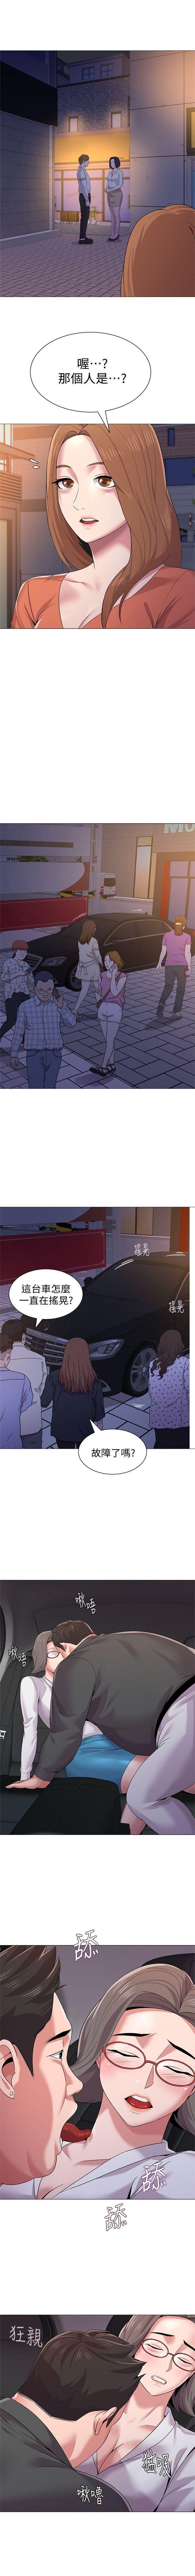 老師 1-80 官方中文(連載中) 121